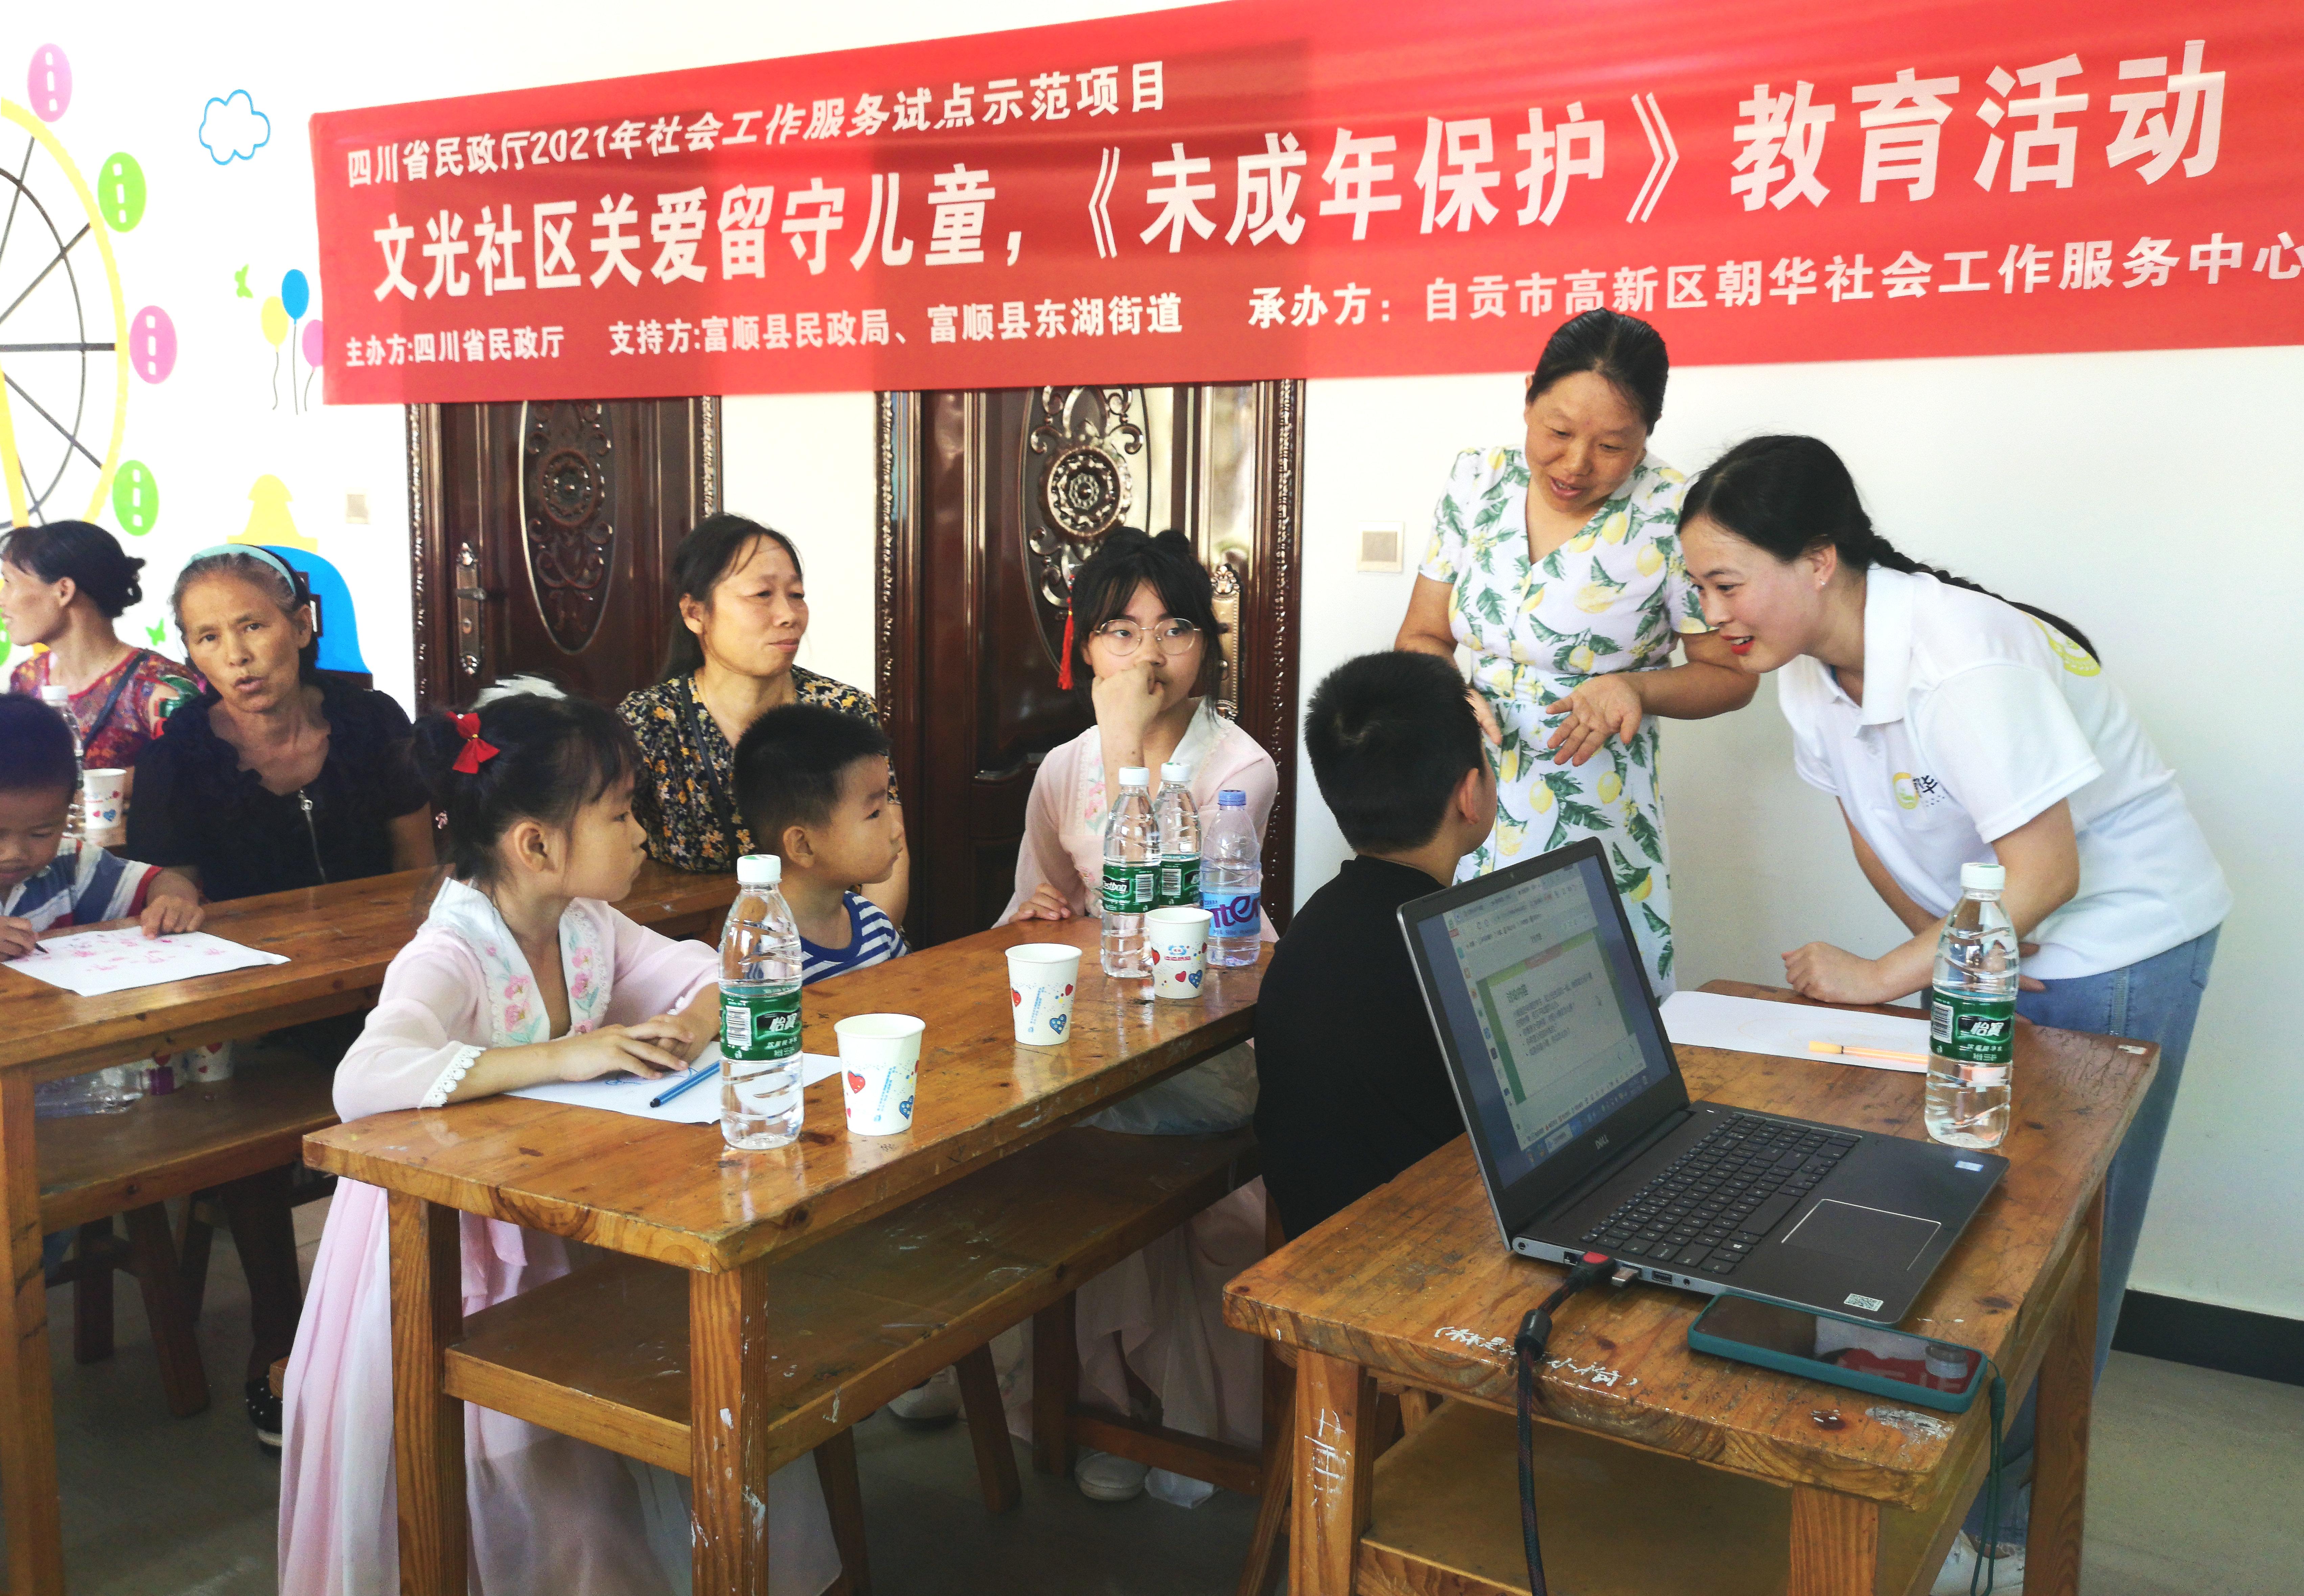 社会工作服务中心人员与儿童进行交流.jpg